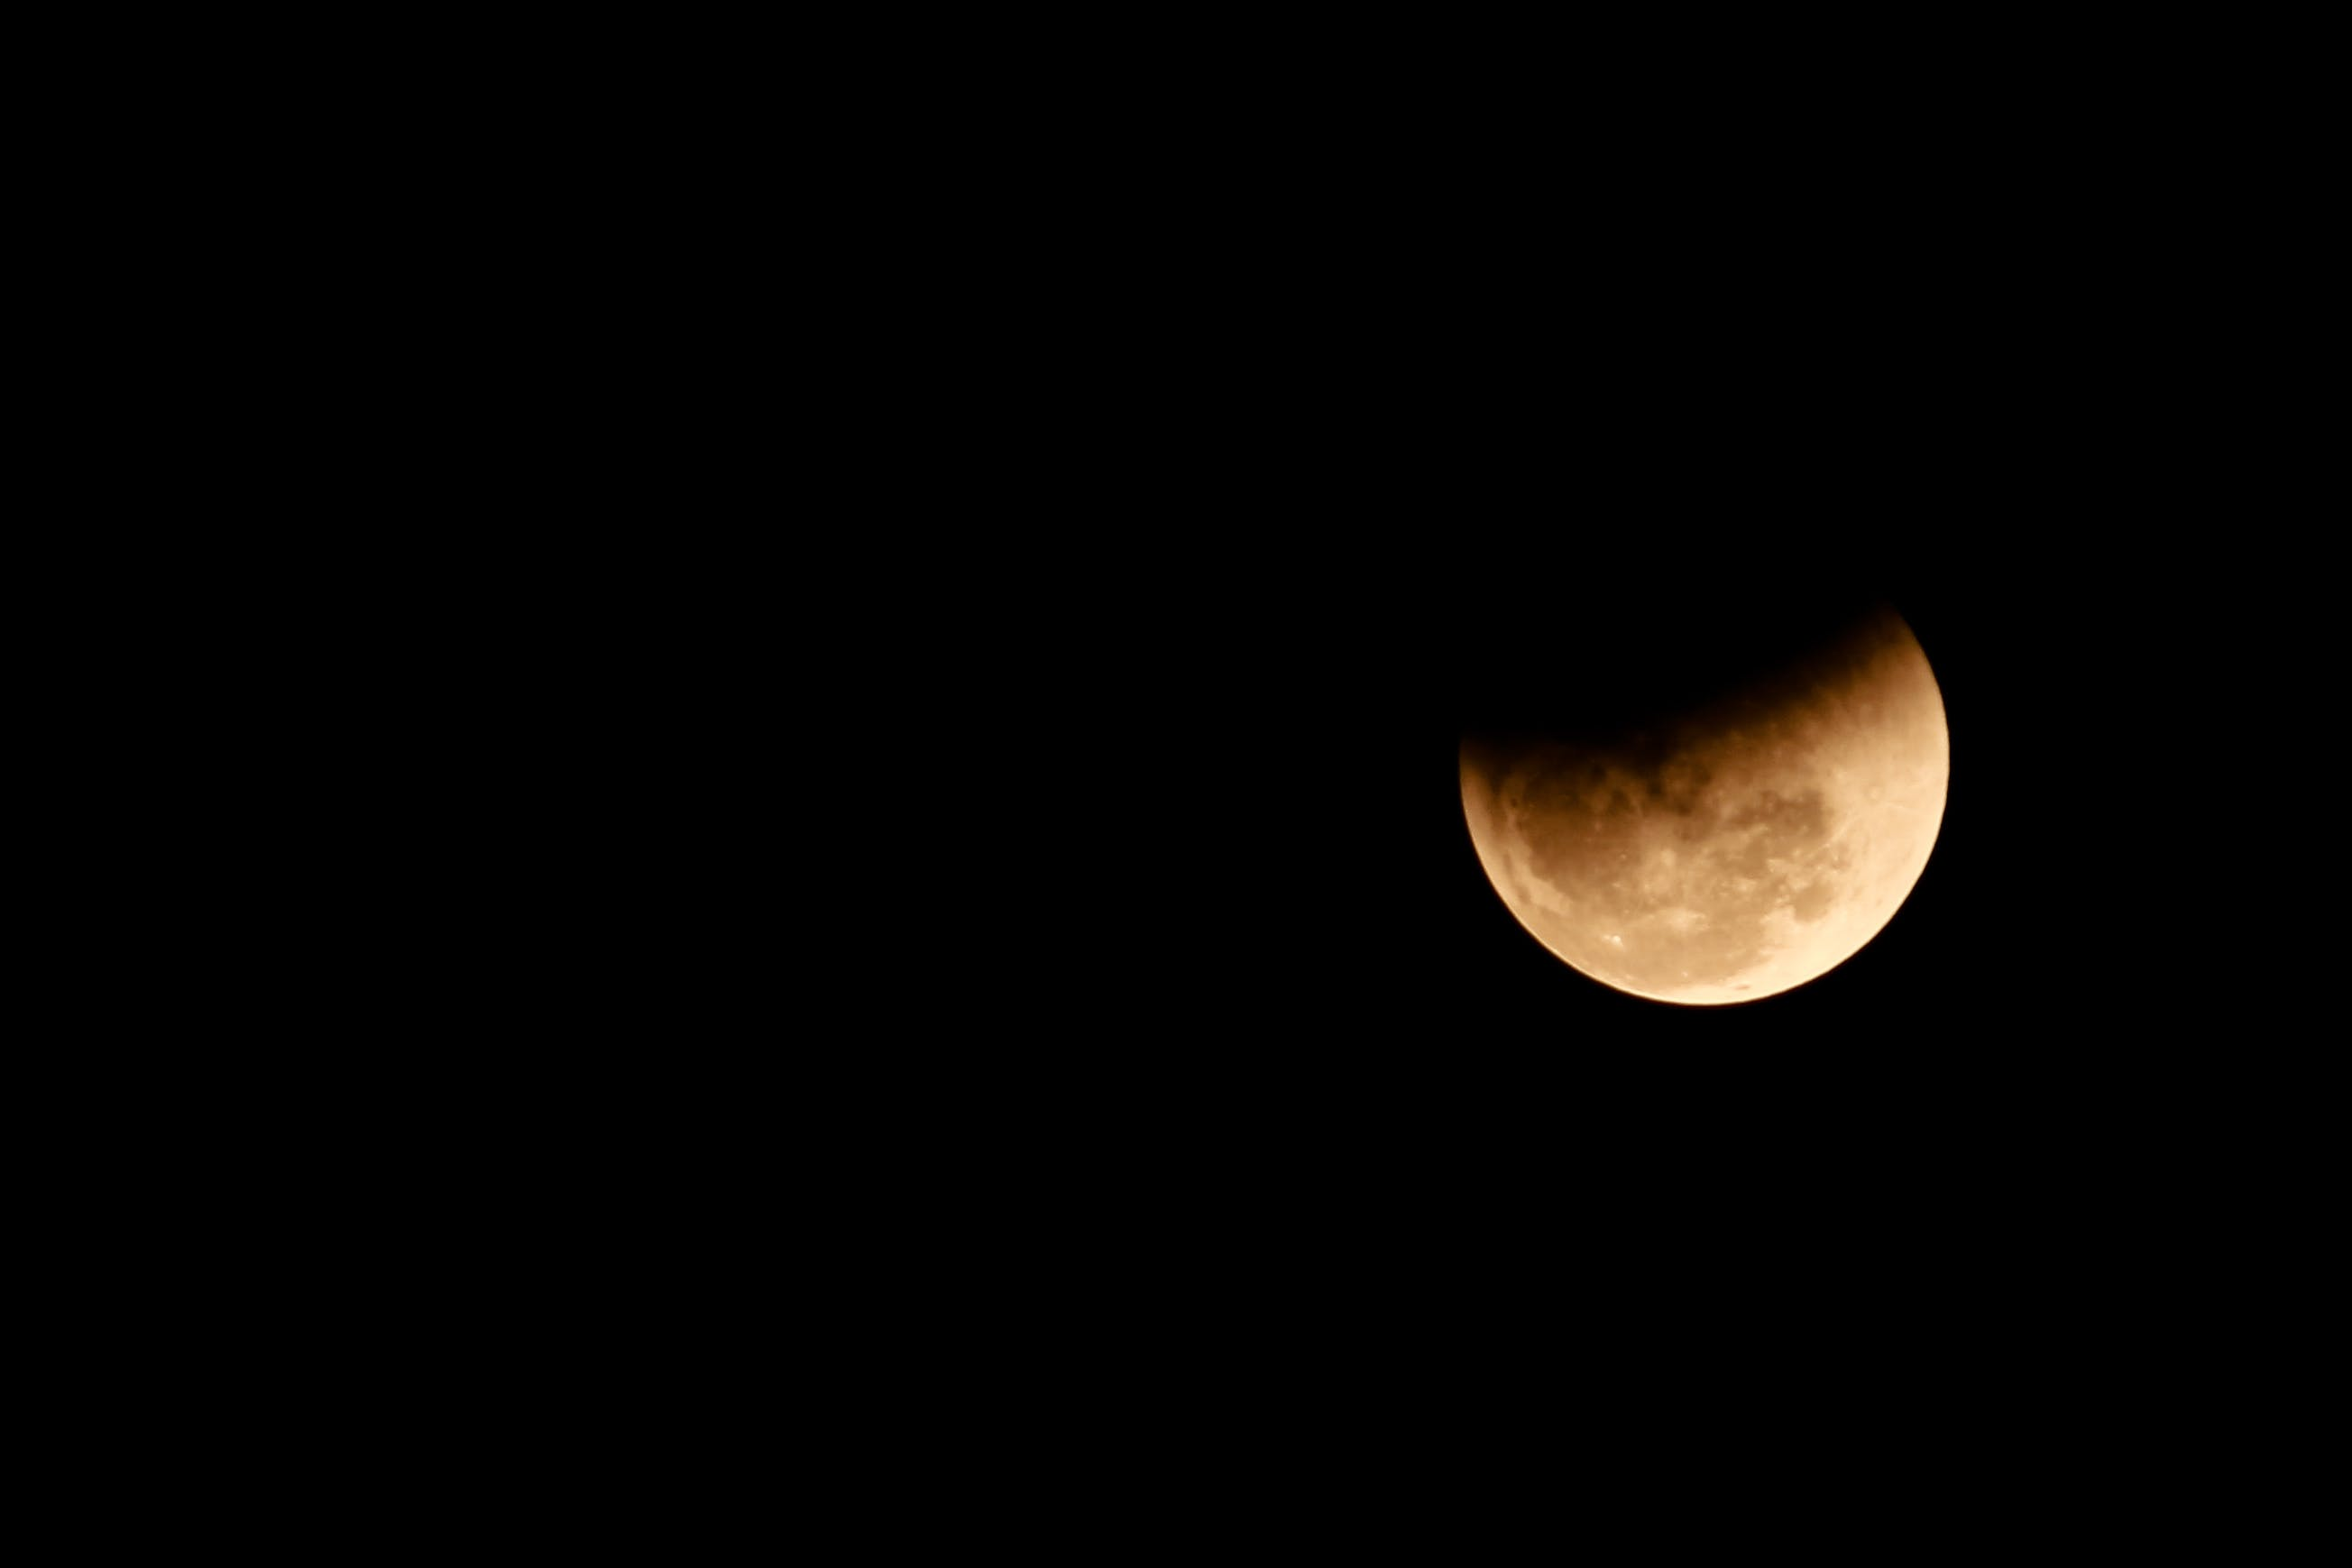 Gratis arkivbilde med himmel, luna, lunar, måne